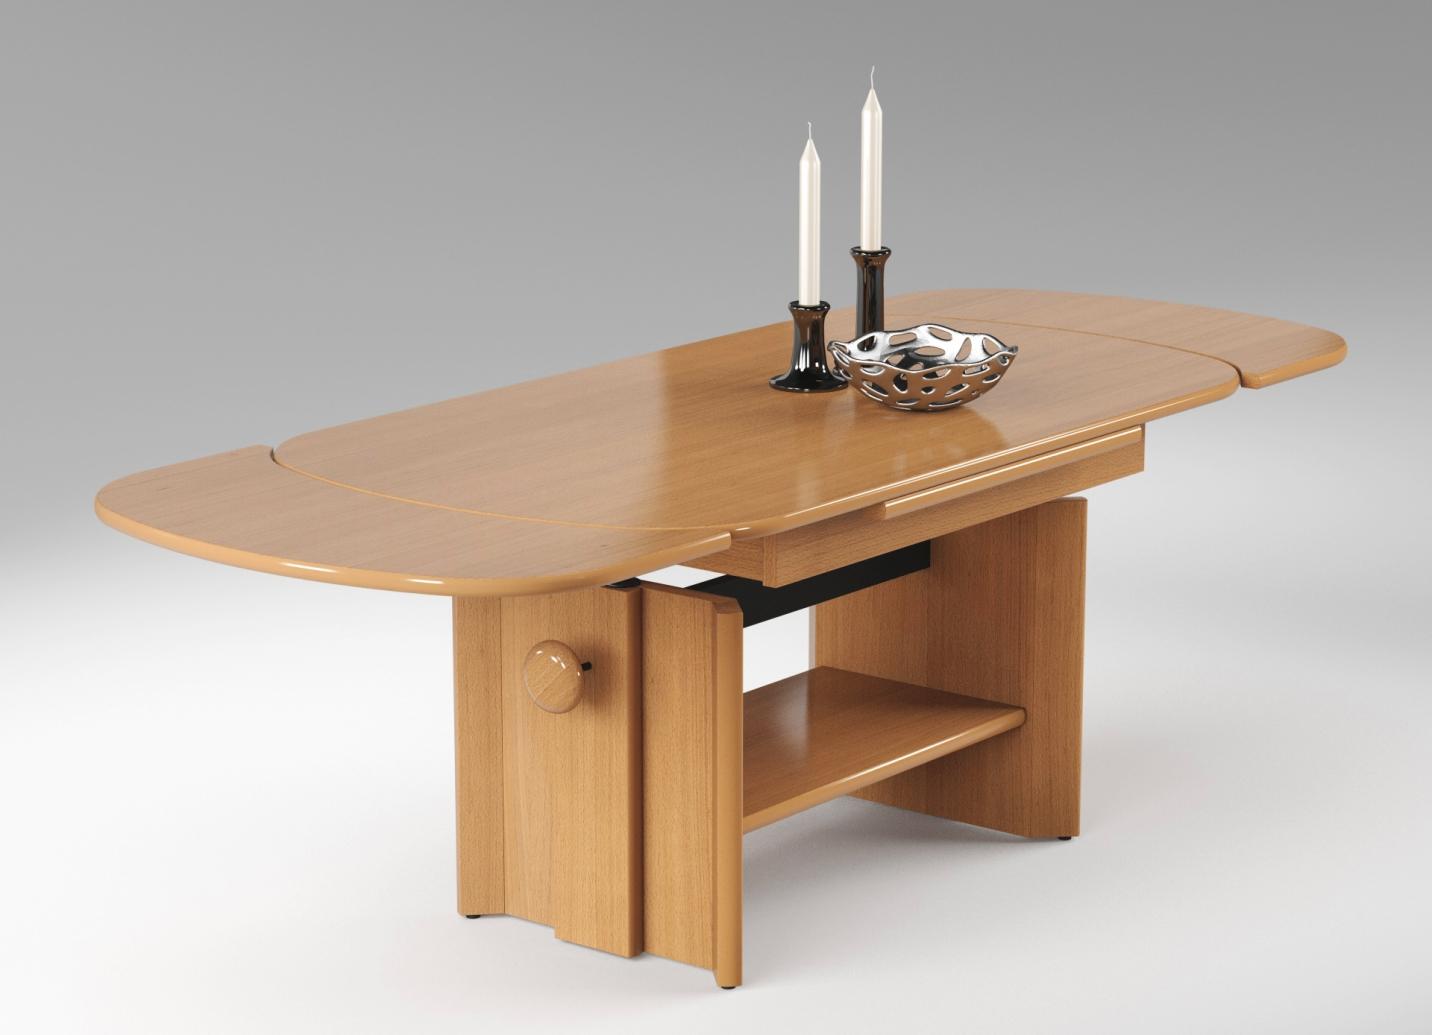 couchtisch in verschiedenen farben klassische m bel bader. Black Bedroom Furniture Sets. Home Design Ideas